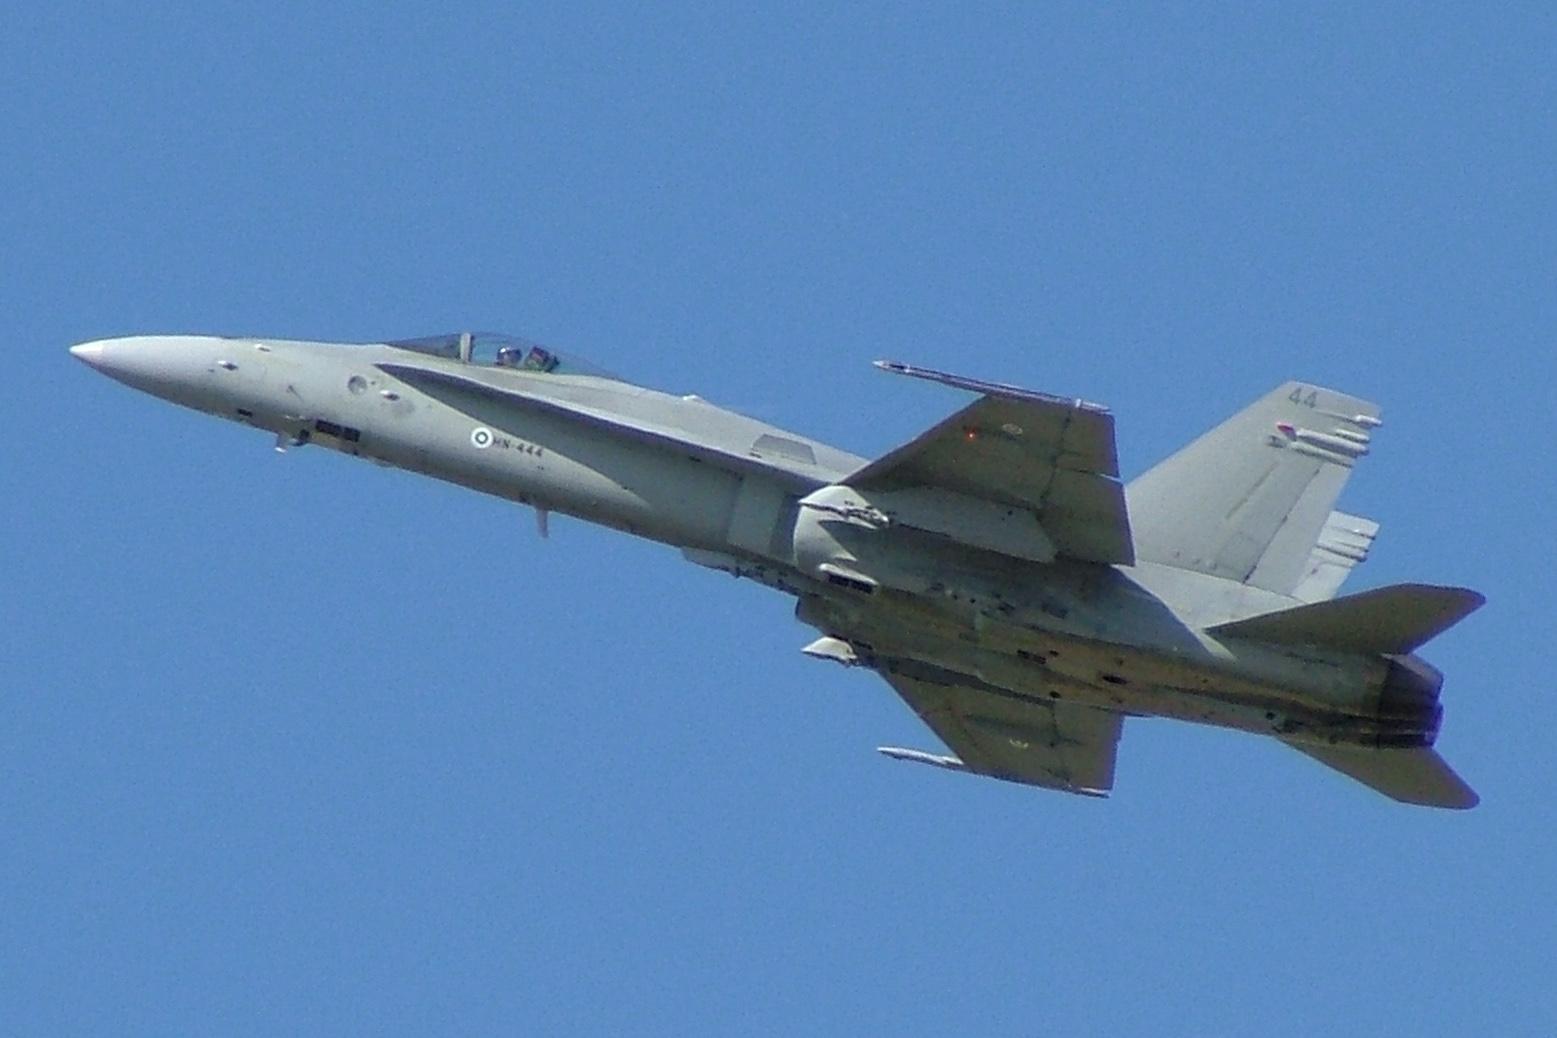 File:Finnish Air <b>Force</b> F-18C RIAT.jpg - Wikimedia Commons